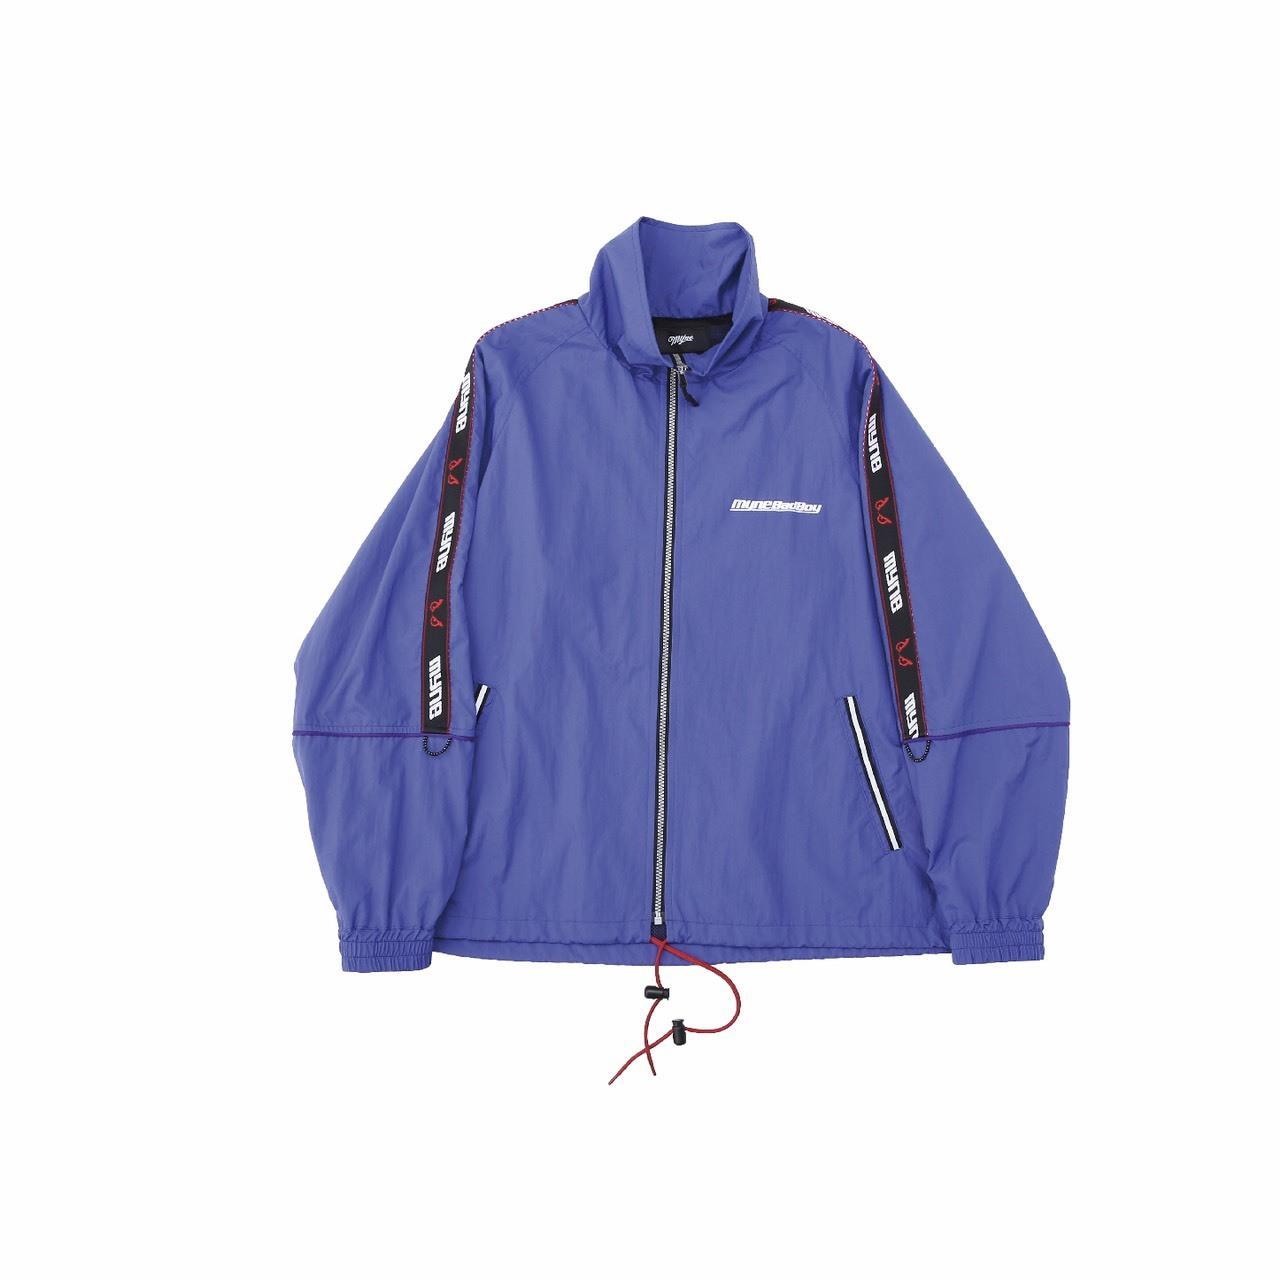 MYne × BADBOY Track jacket / BLUE - 画像1